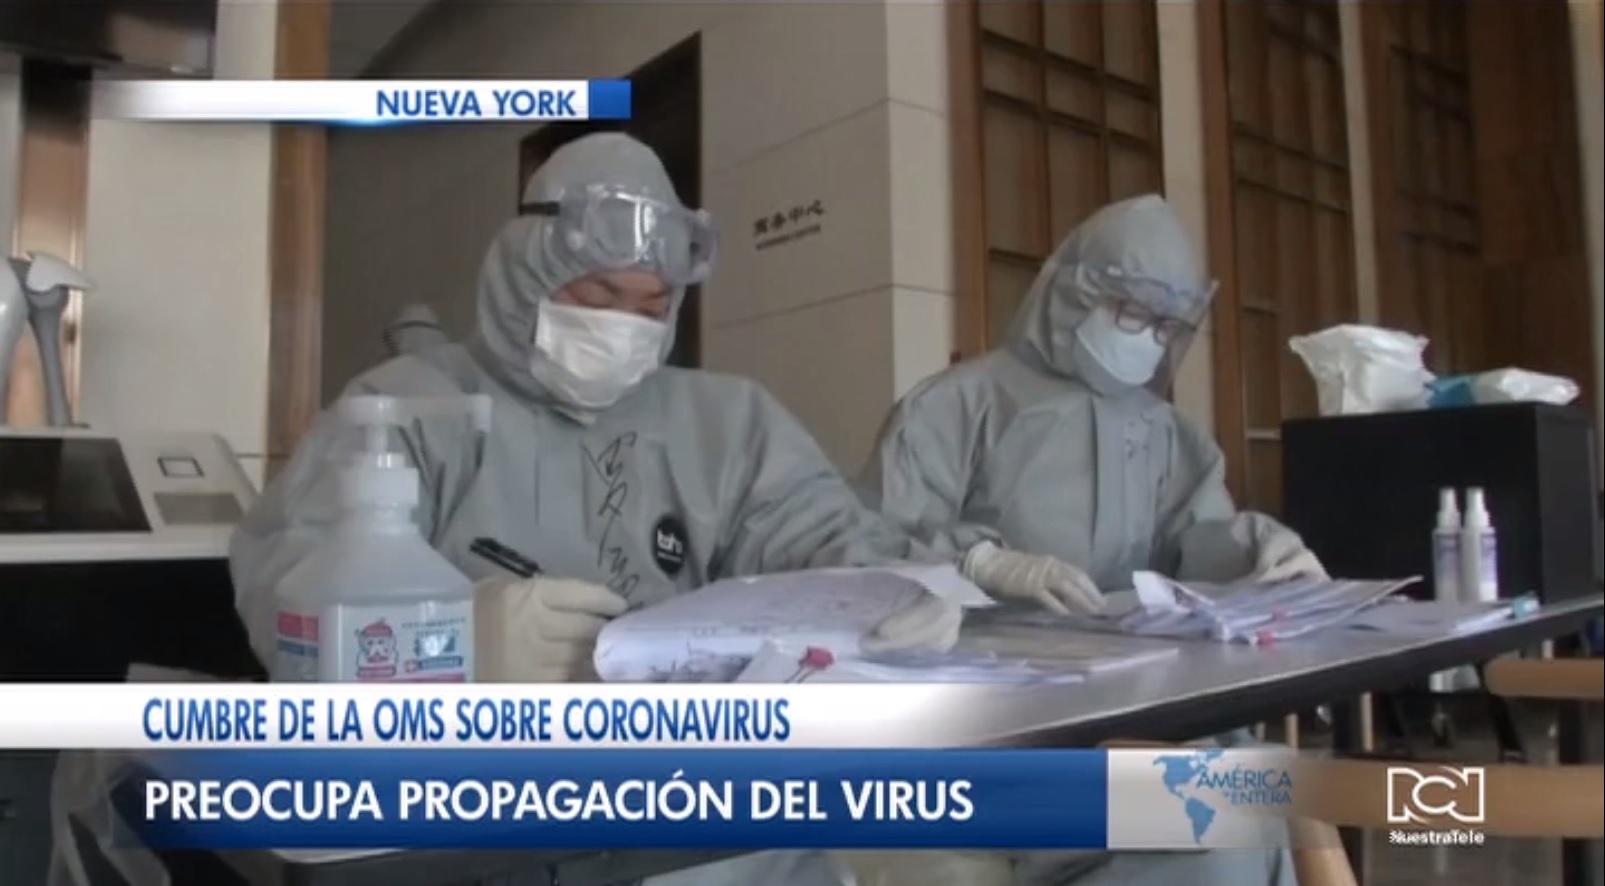 OMS convoca a científicos de todo el mundo para desarrollar una vacuna contra el coronavirus